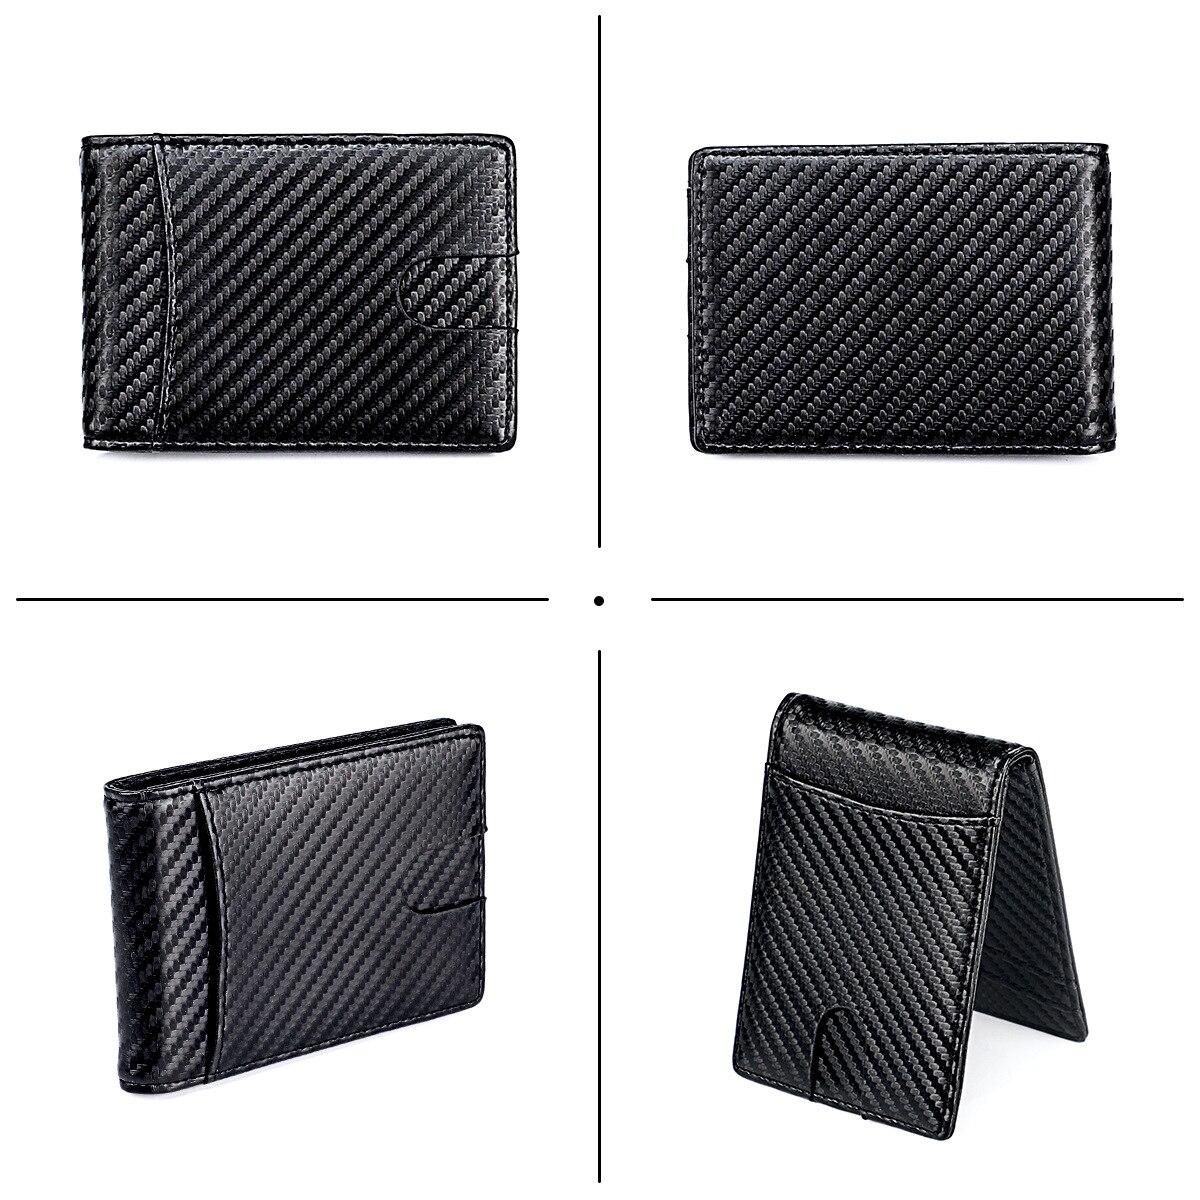 carteira carteira carteira carteira carteira carteira carteira